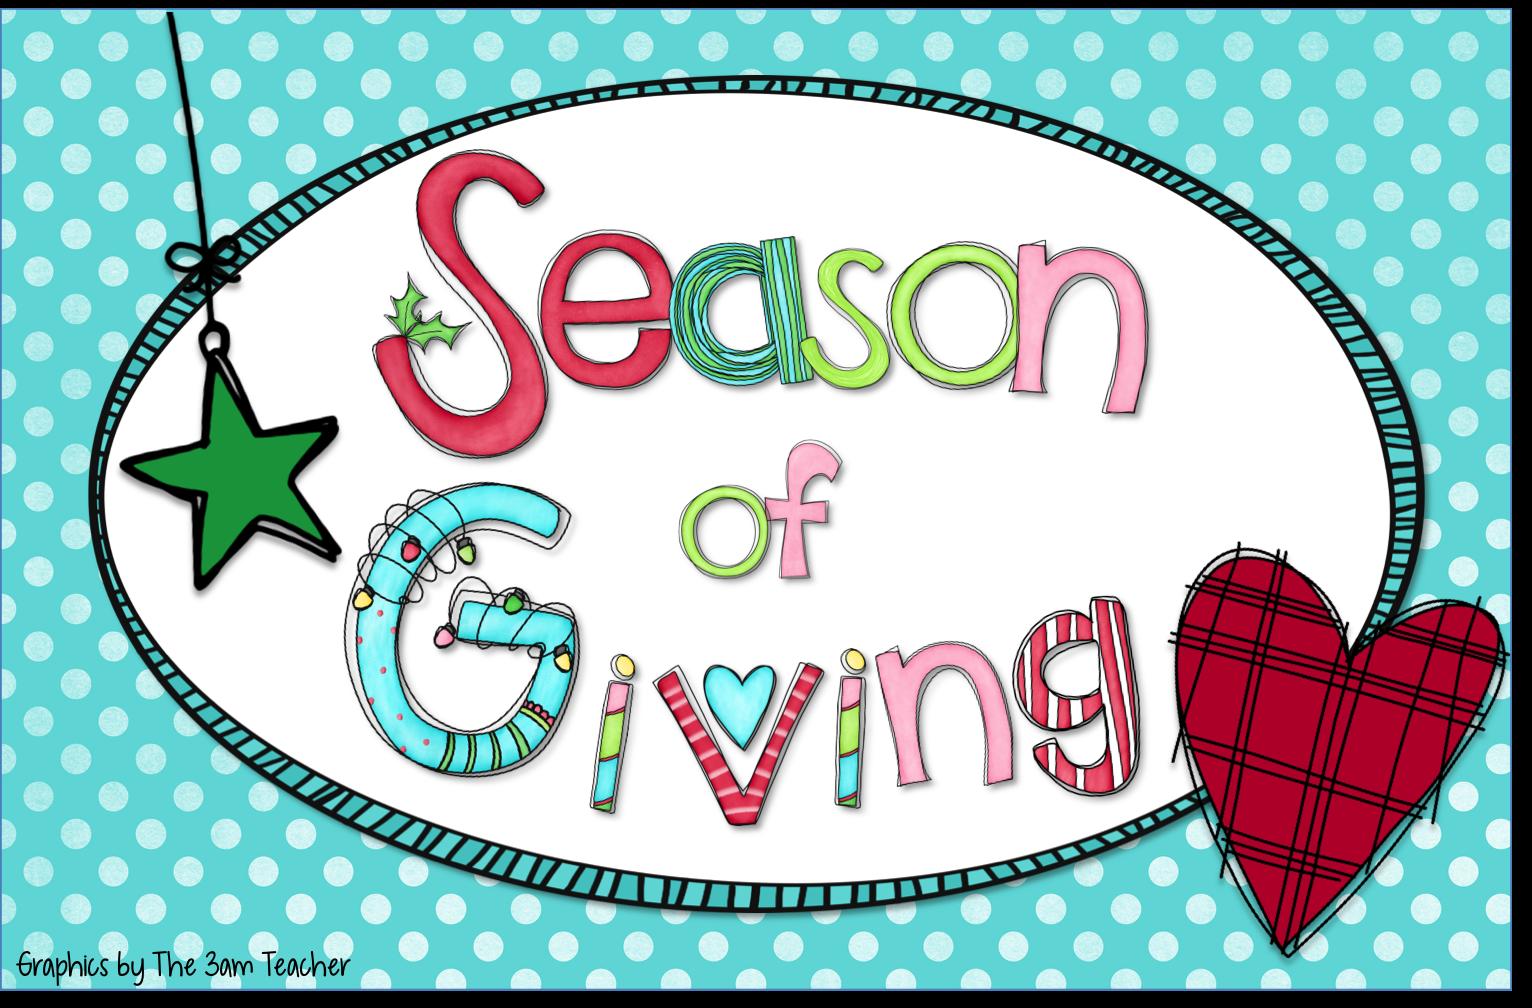 Tis the season of giving primary flourish tis the season of giving kristyandbryce Image collections